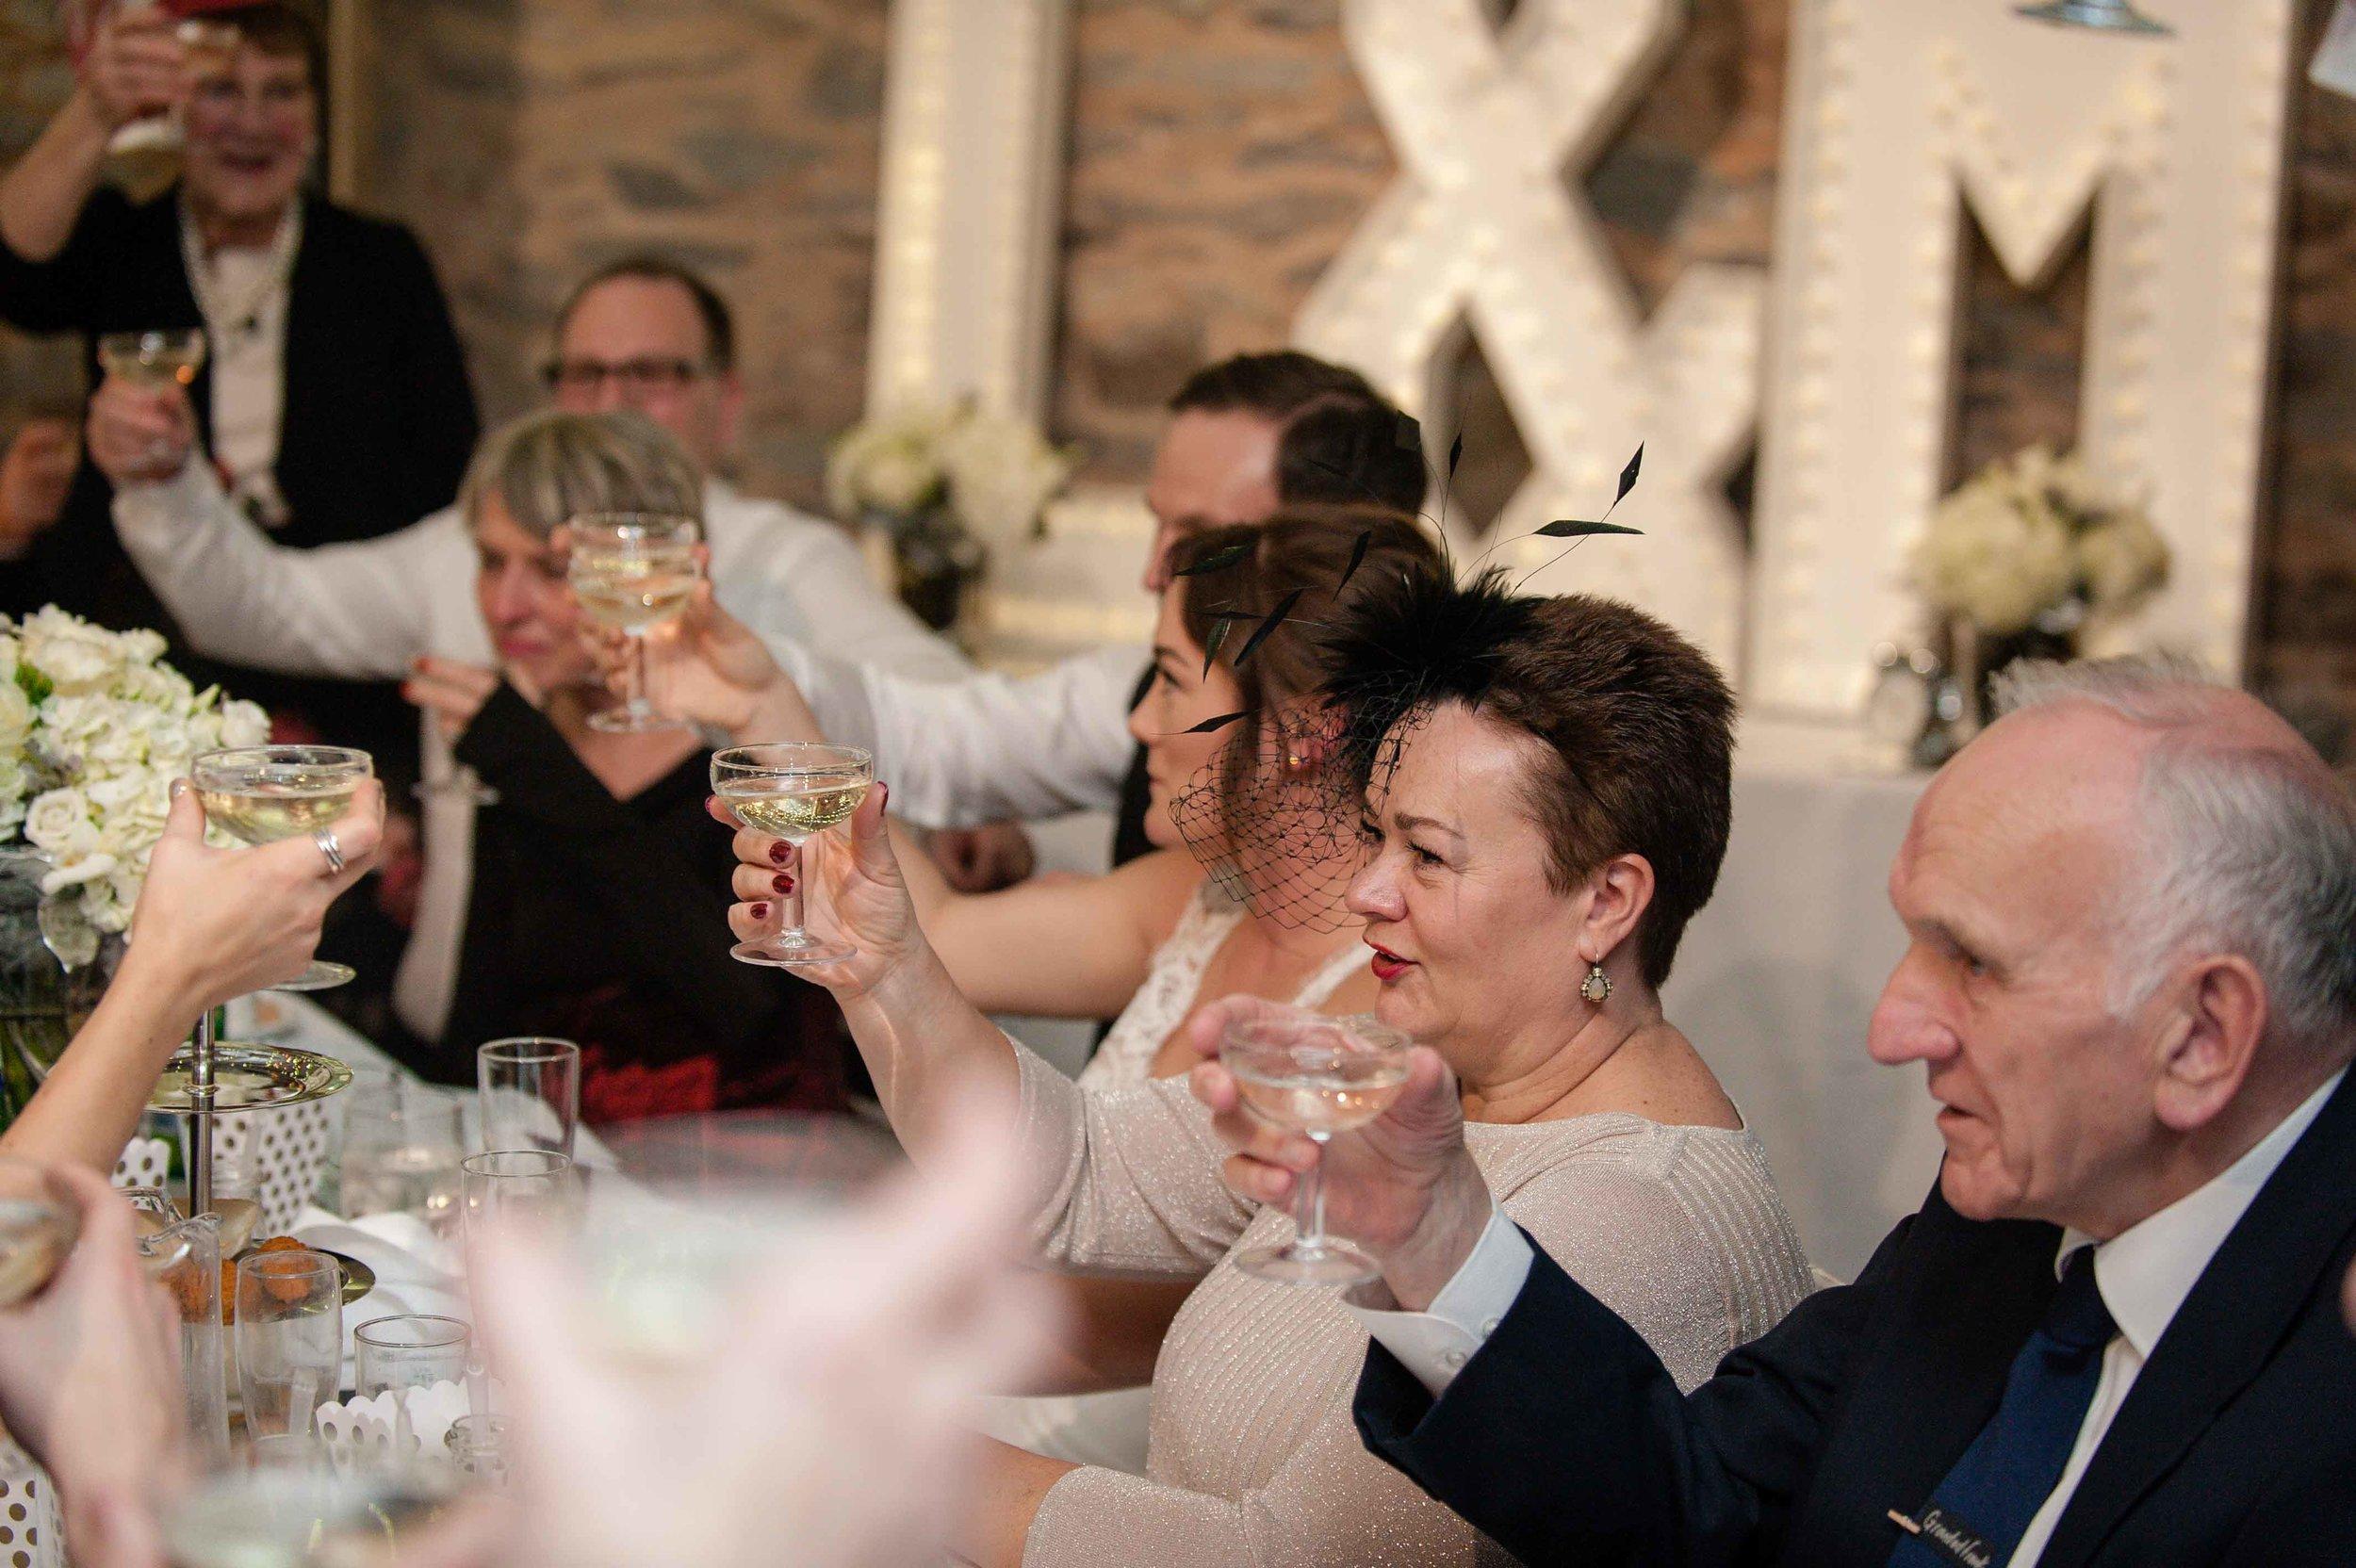 Charnwood-Weddings-Matt-Lucy-1048.jpg